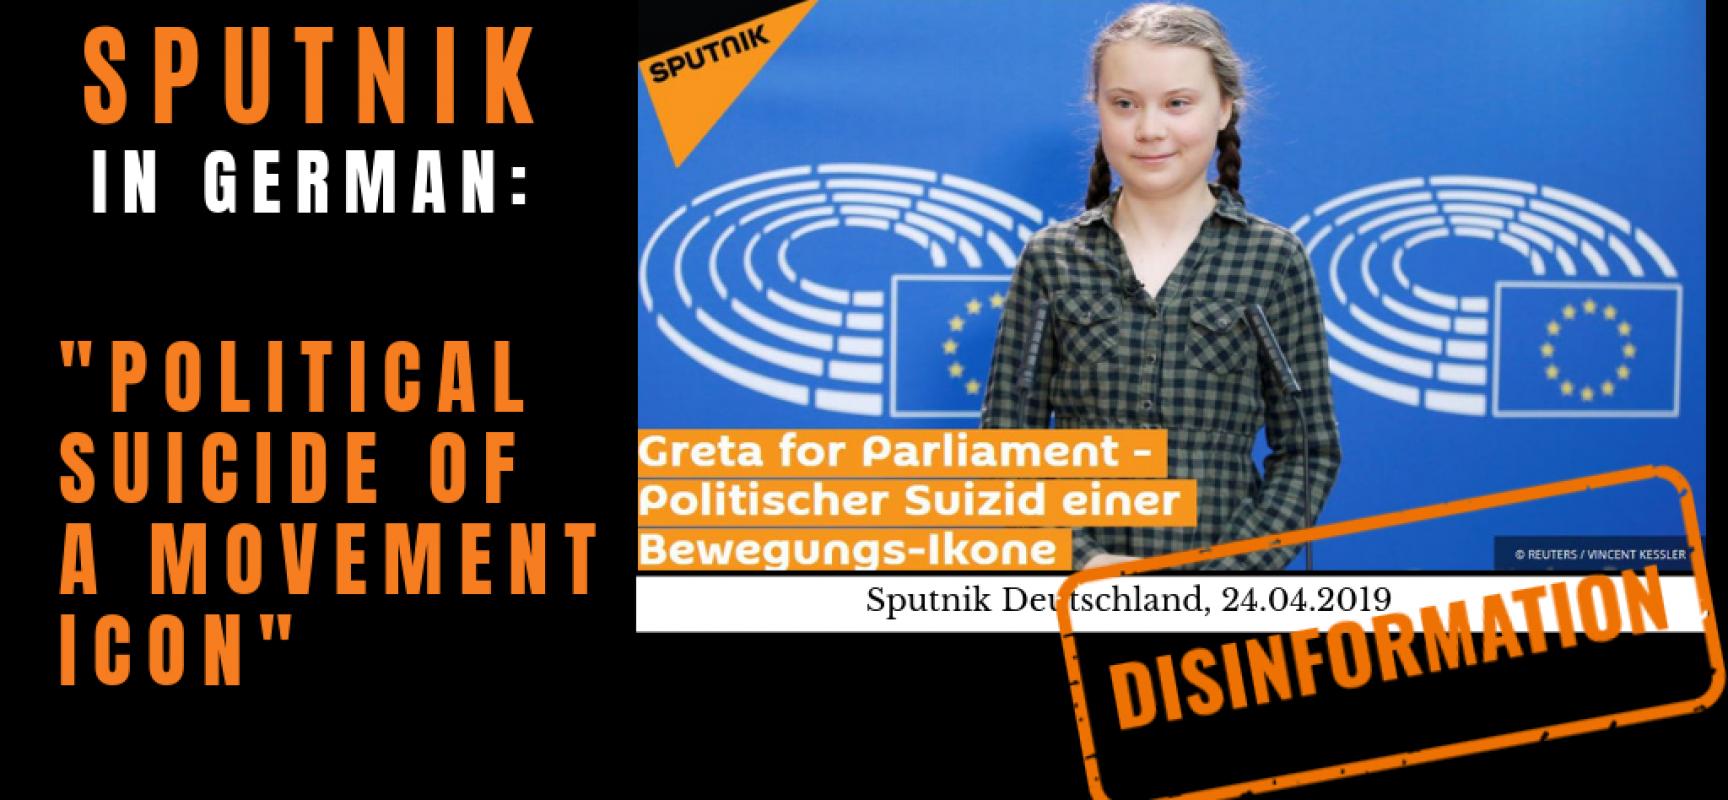 Sepa más, infórmese menos: la observación de nueva campaña desinformativa del Kremlin contra la UE